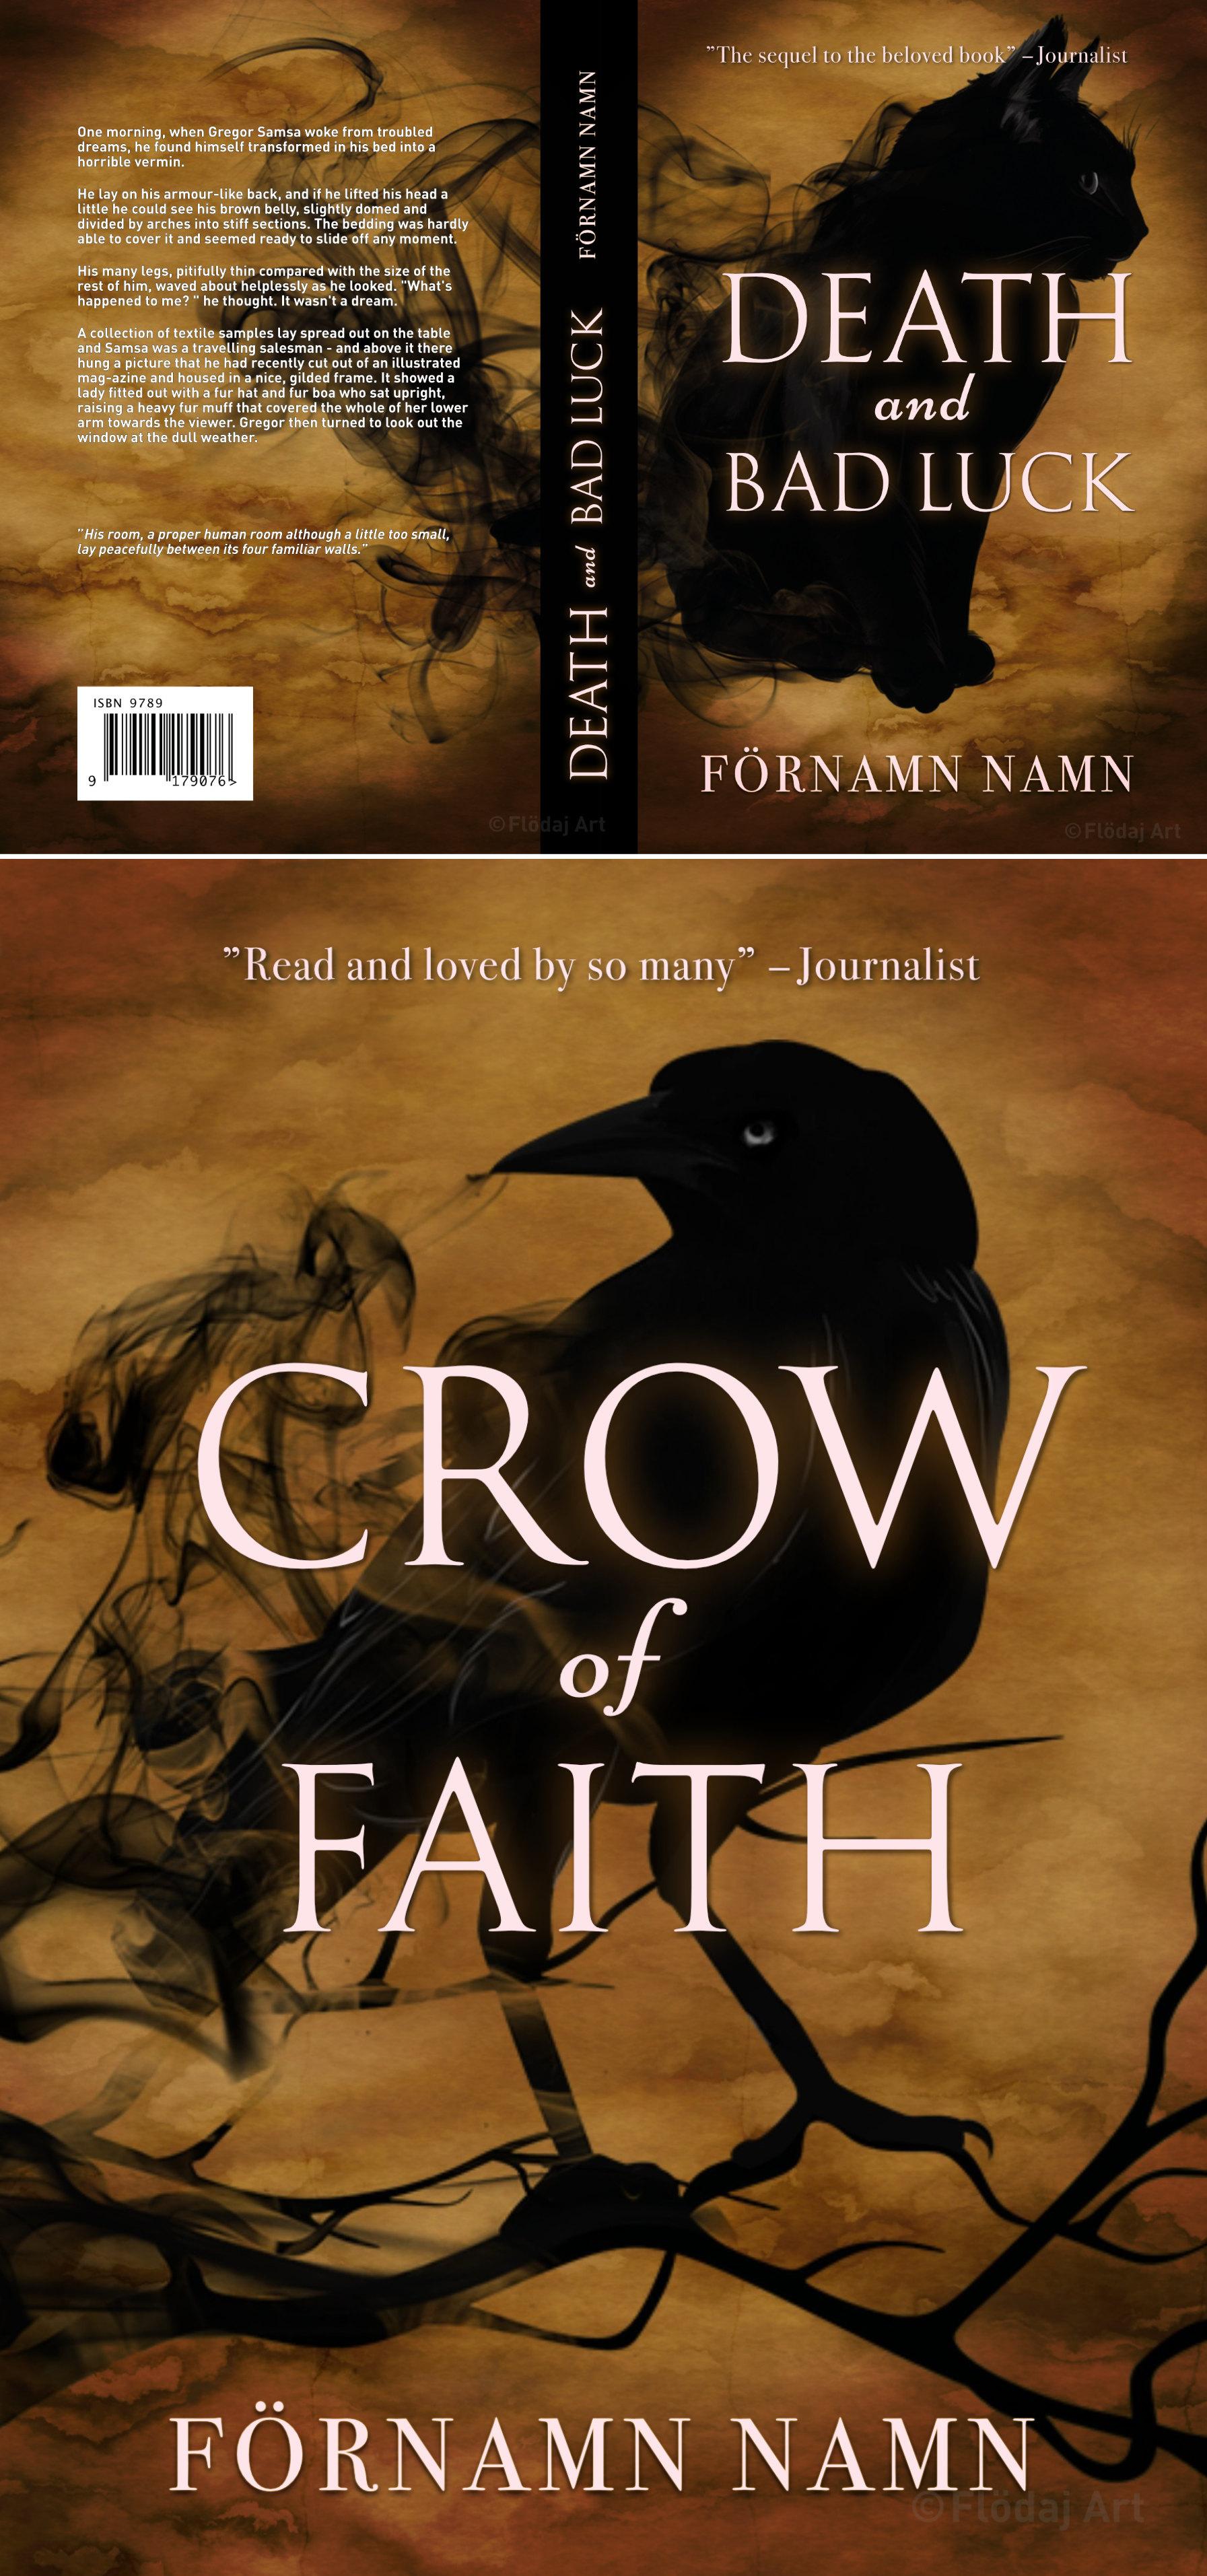 Bild på två Bokomslag. En framsida med titeln crow of fairth, som har en svart korp på omslaget. Korpen som sitter på kvistas löses upp i svart rök. Den andra är ett Bokomslag till tryckt bok till bokserie svart katt som går upp i rök över fram- och baksida. Passar en bok som är mystisk med magi och eller häxor i fantasy-genren